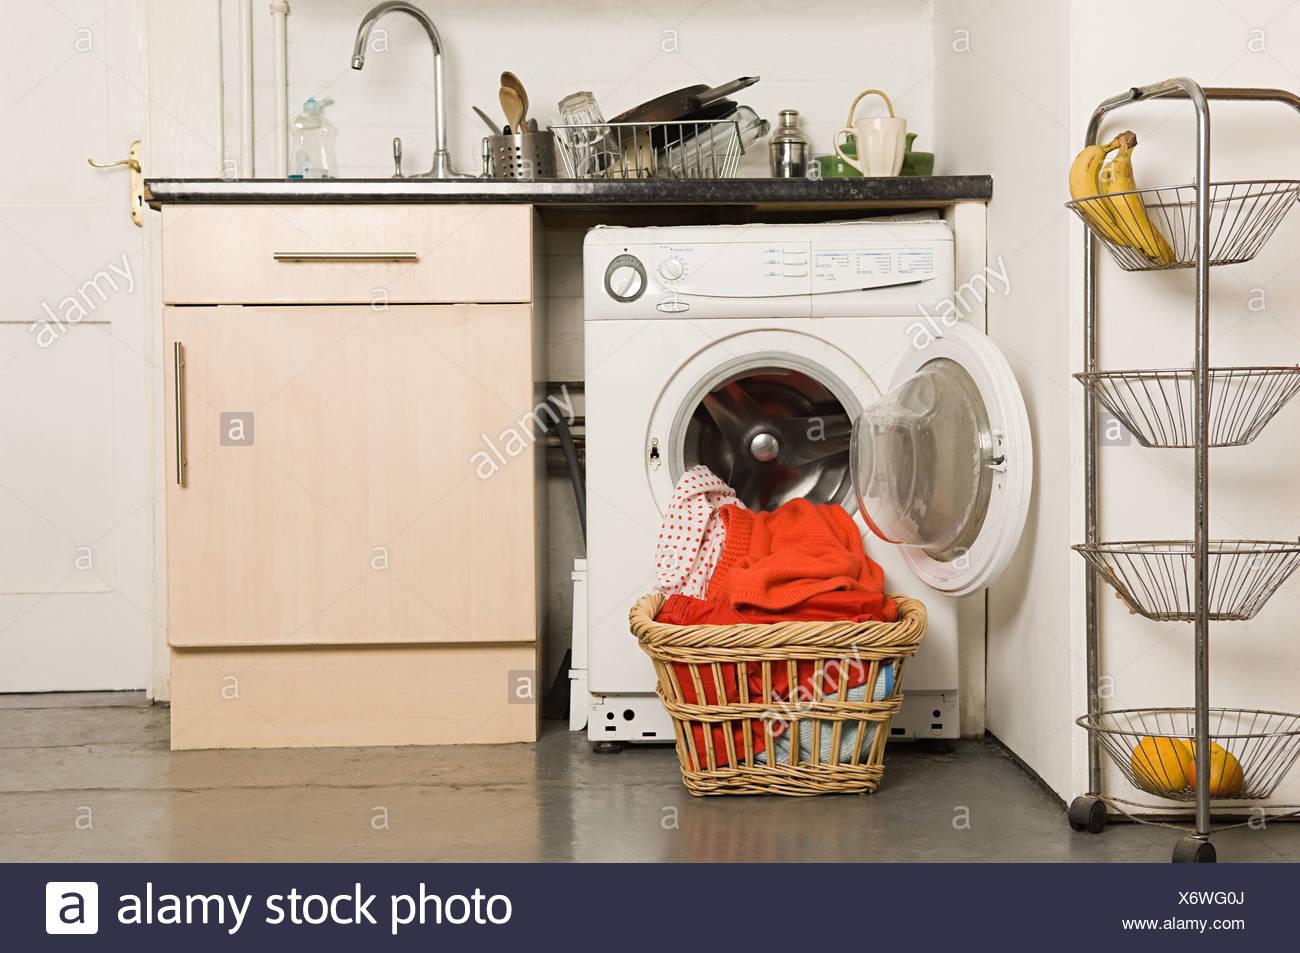 Waschmaschine In Der Kuche Stockfoto Bild 279615186 Alamy